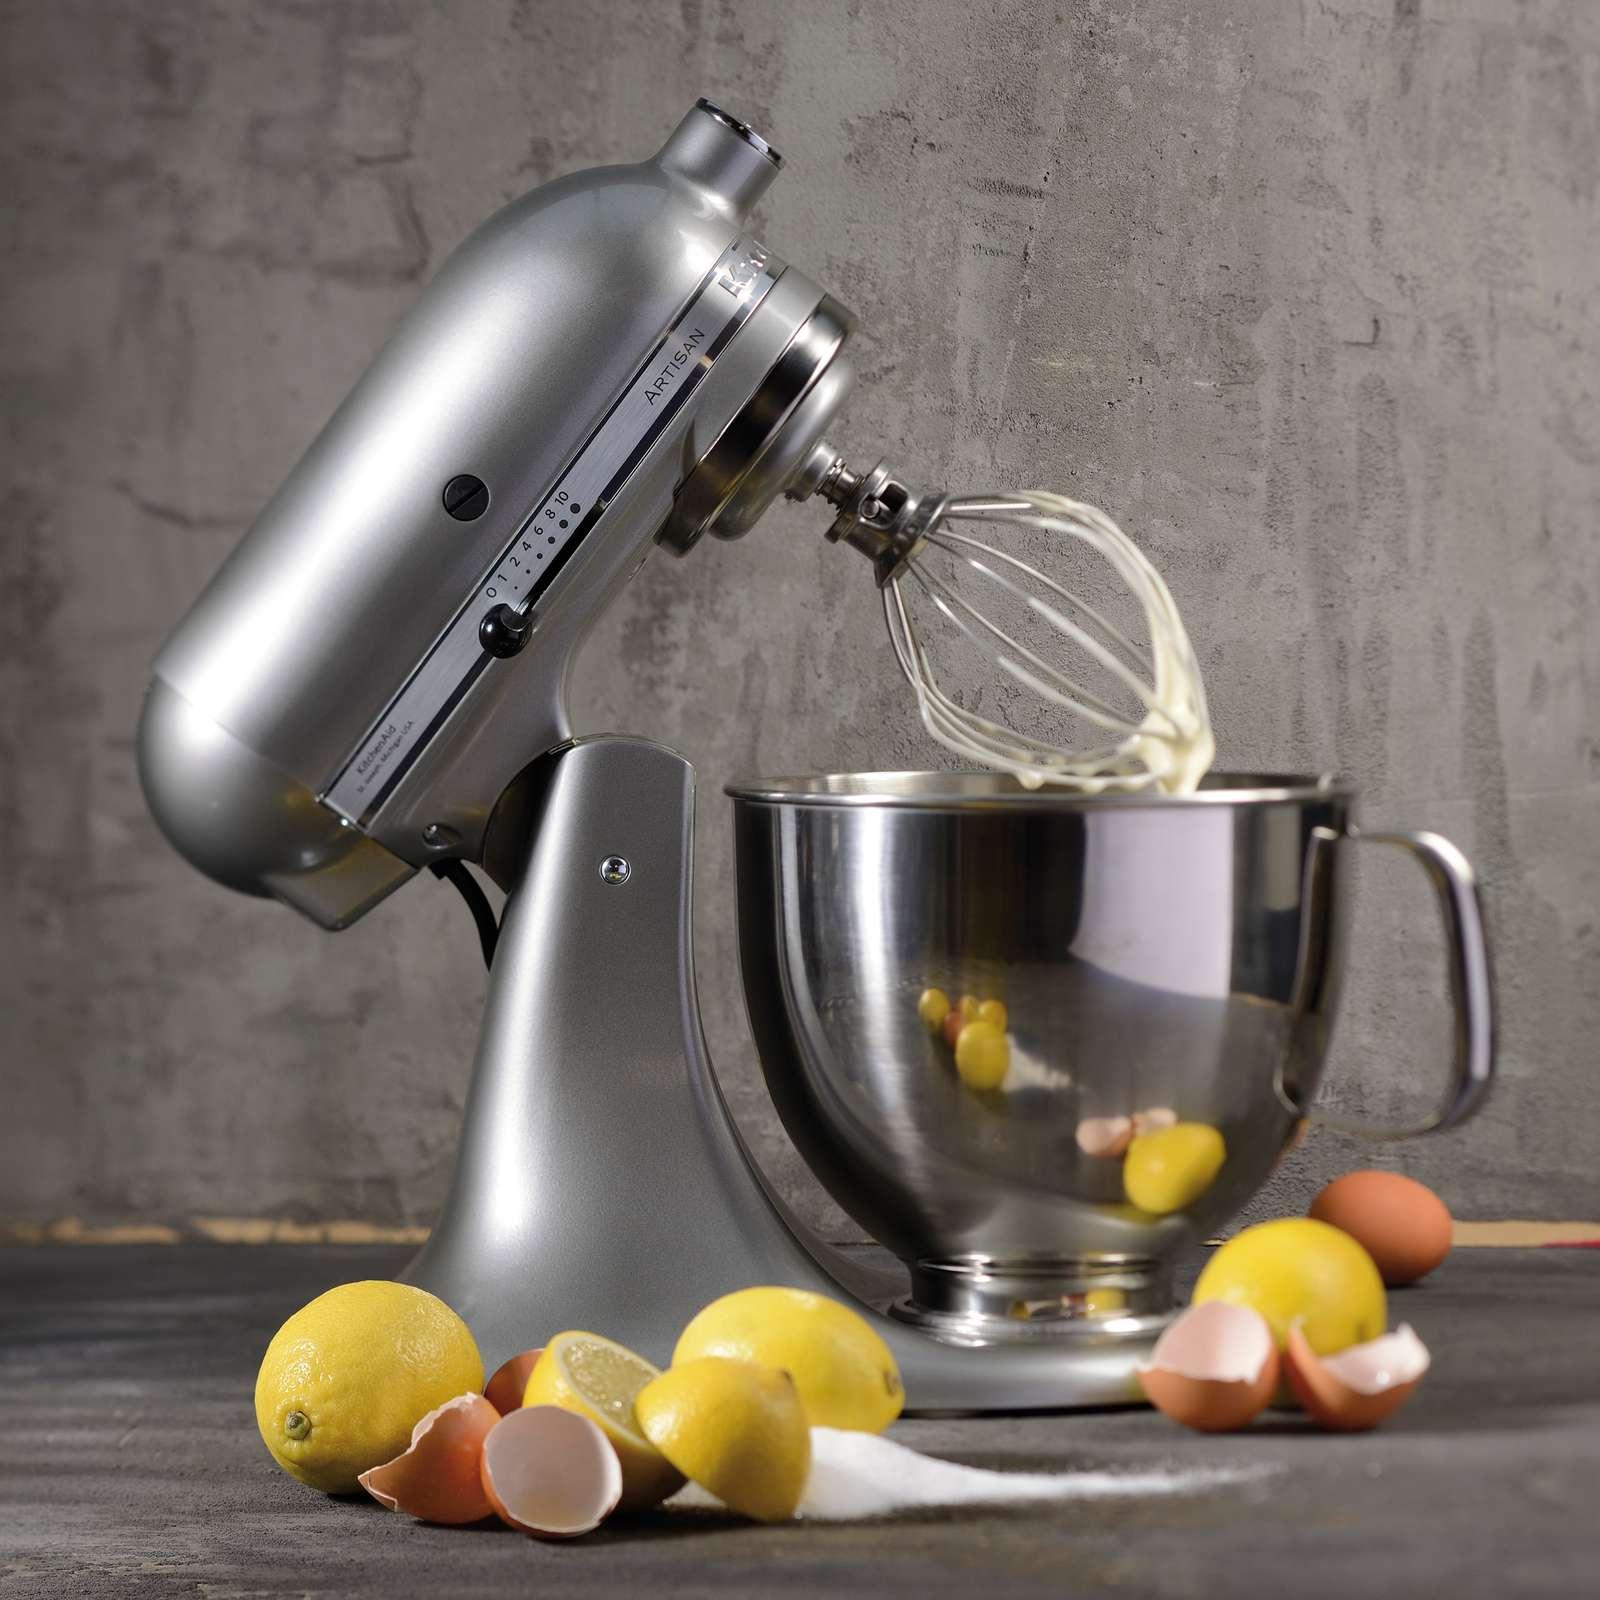 KitchenAid Artisan standmixer, KSM 125, contour silver